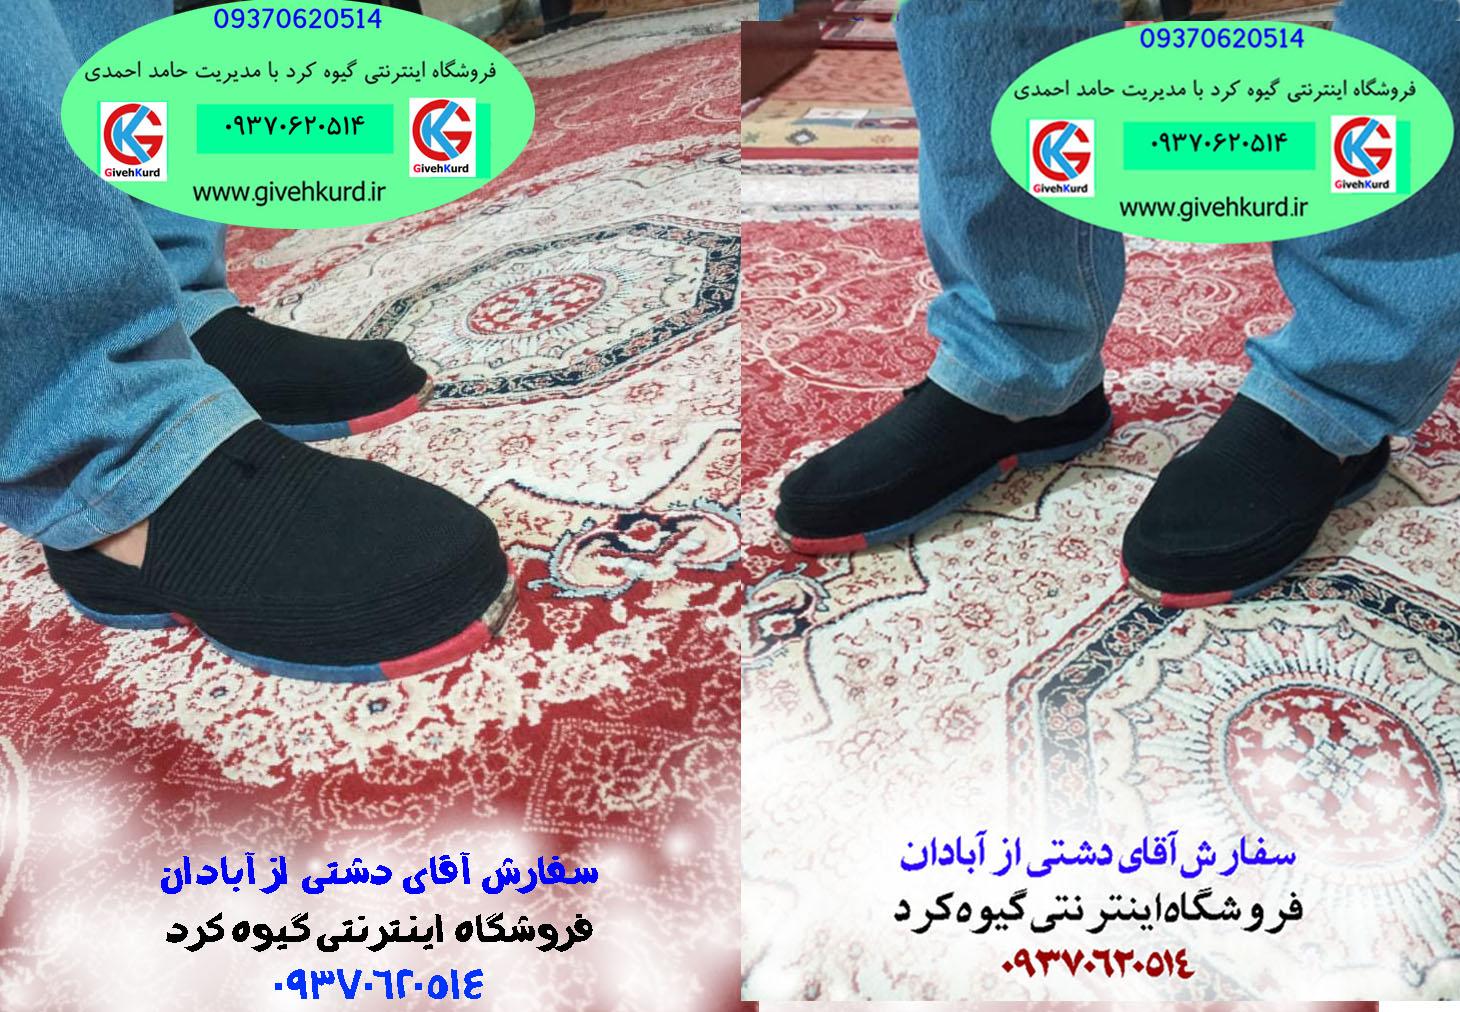 گیوه کلاش مشکی . سفارش آقای دشتی از آبادان استان خوزستان